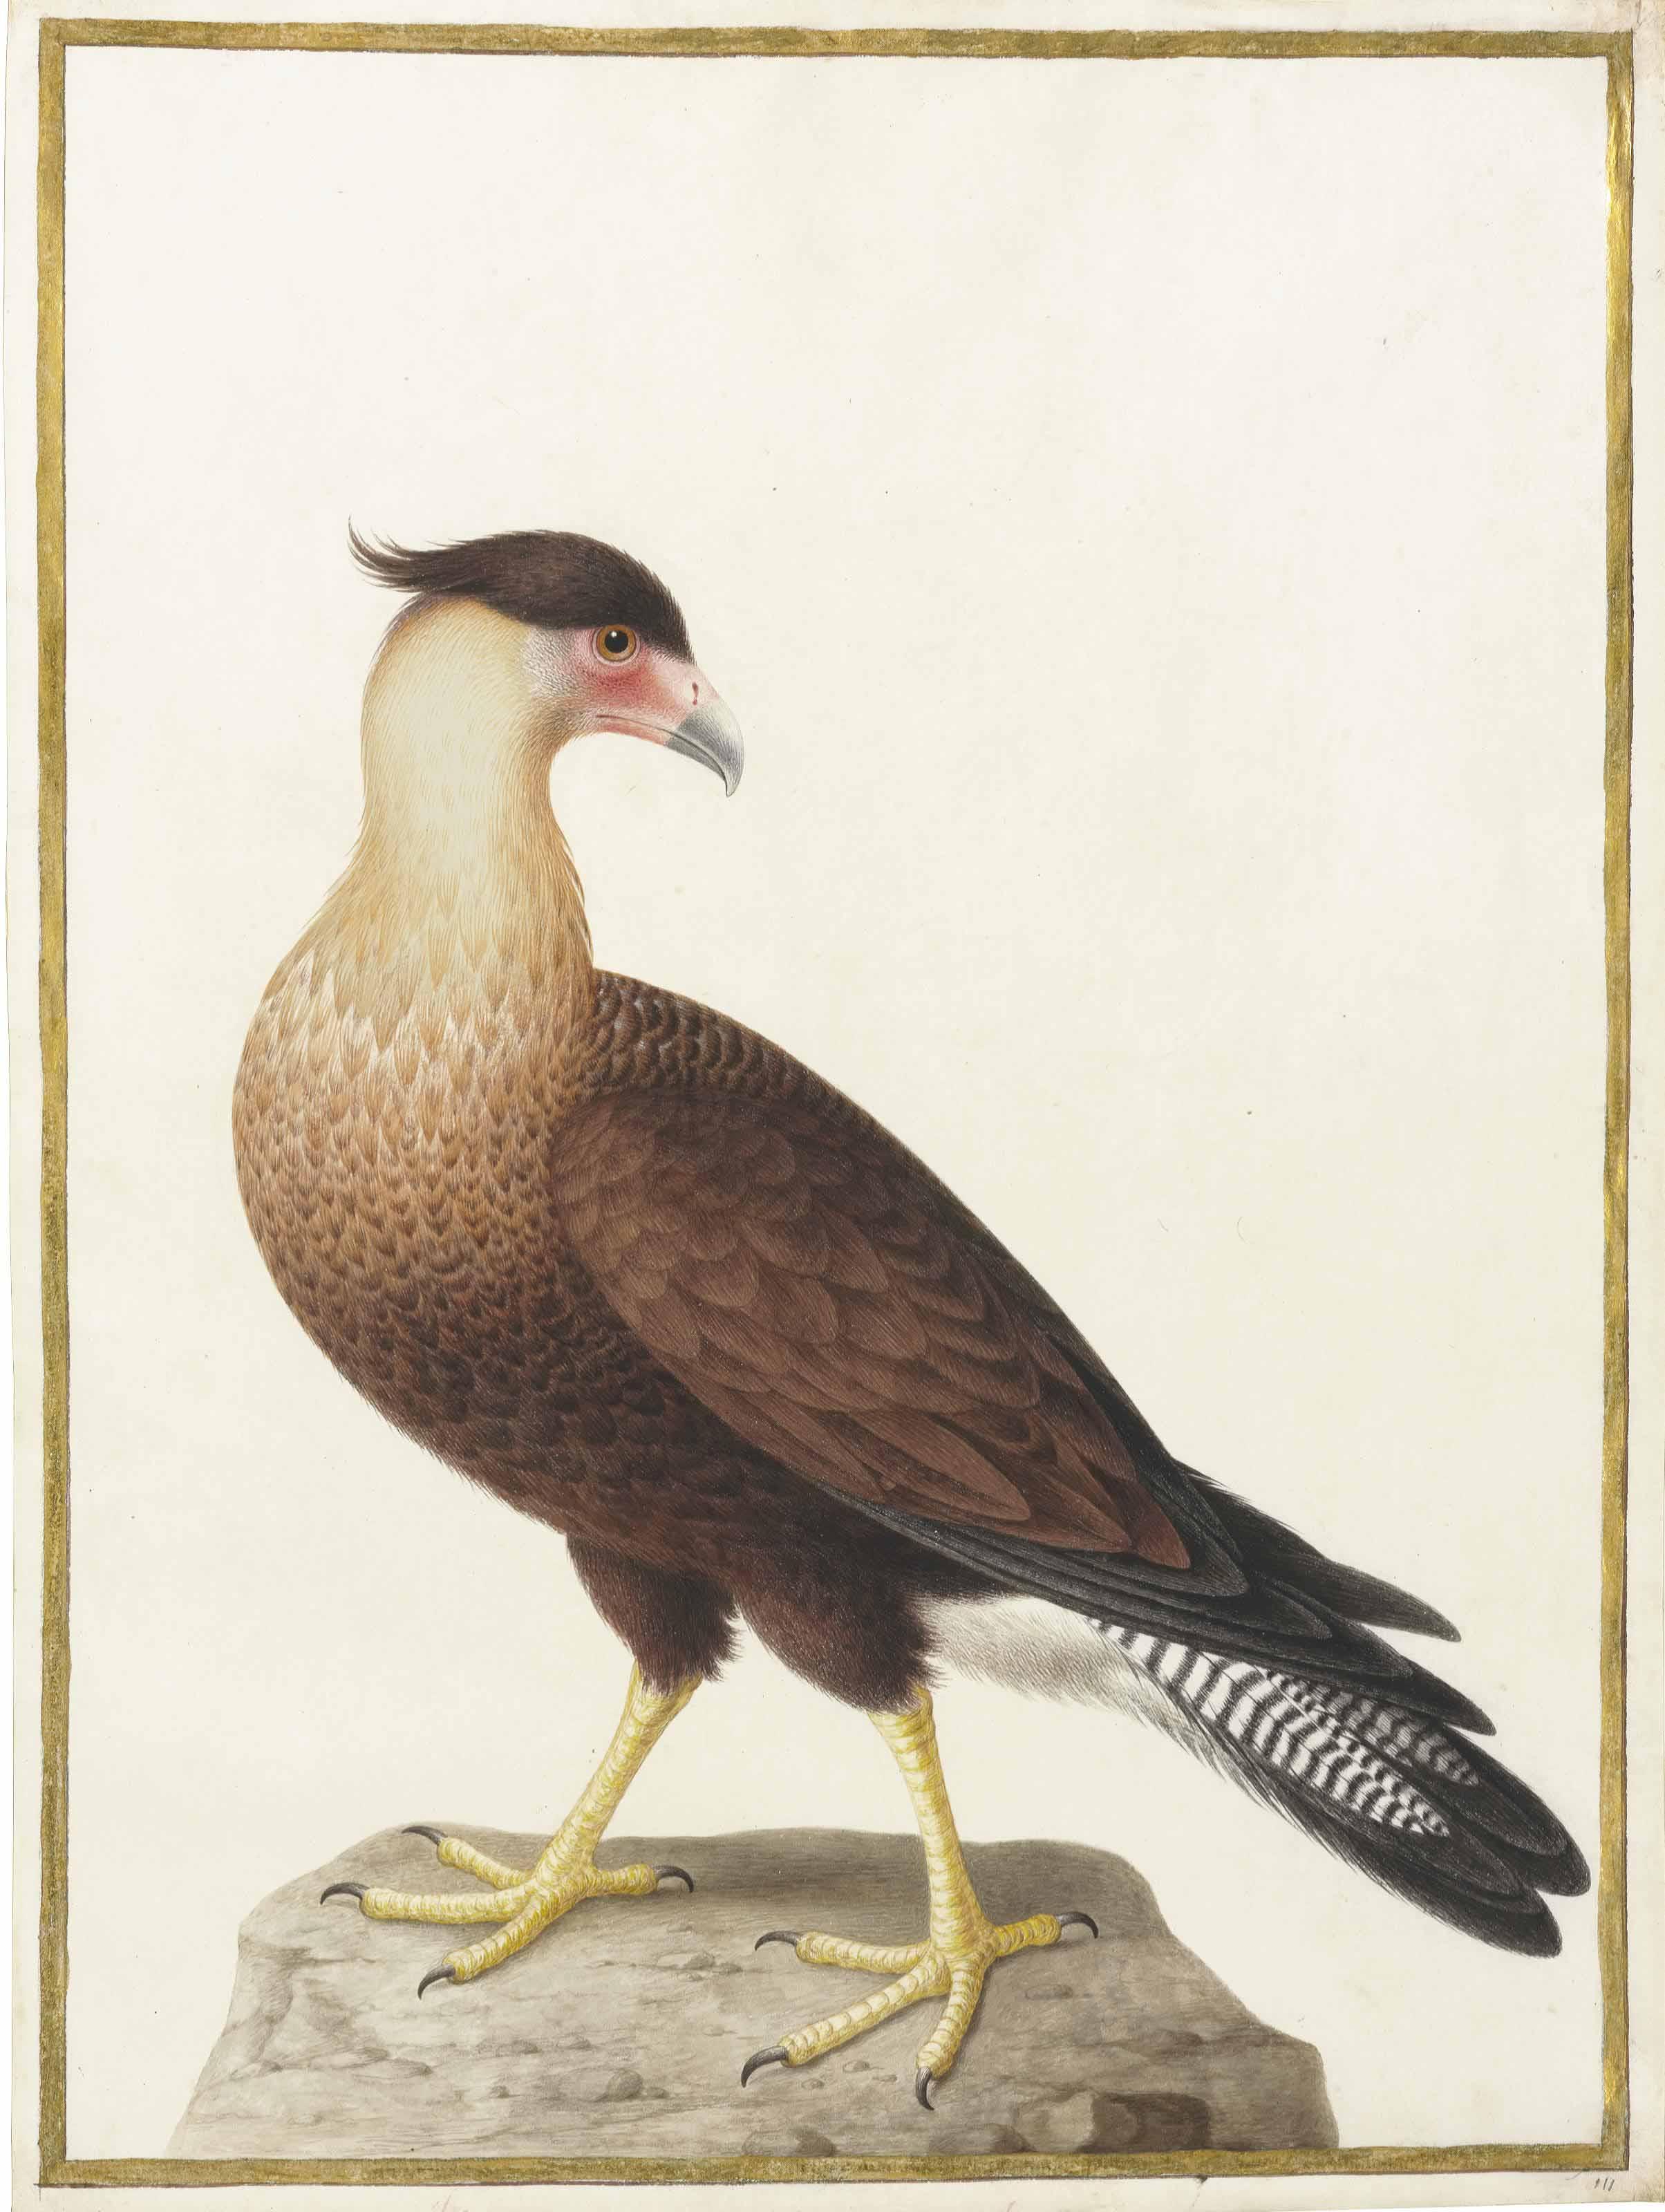 Crested Caracara (Polyborus plancus)